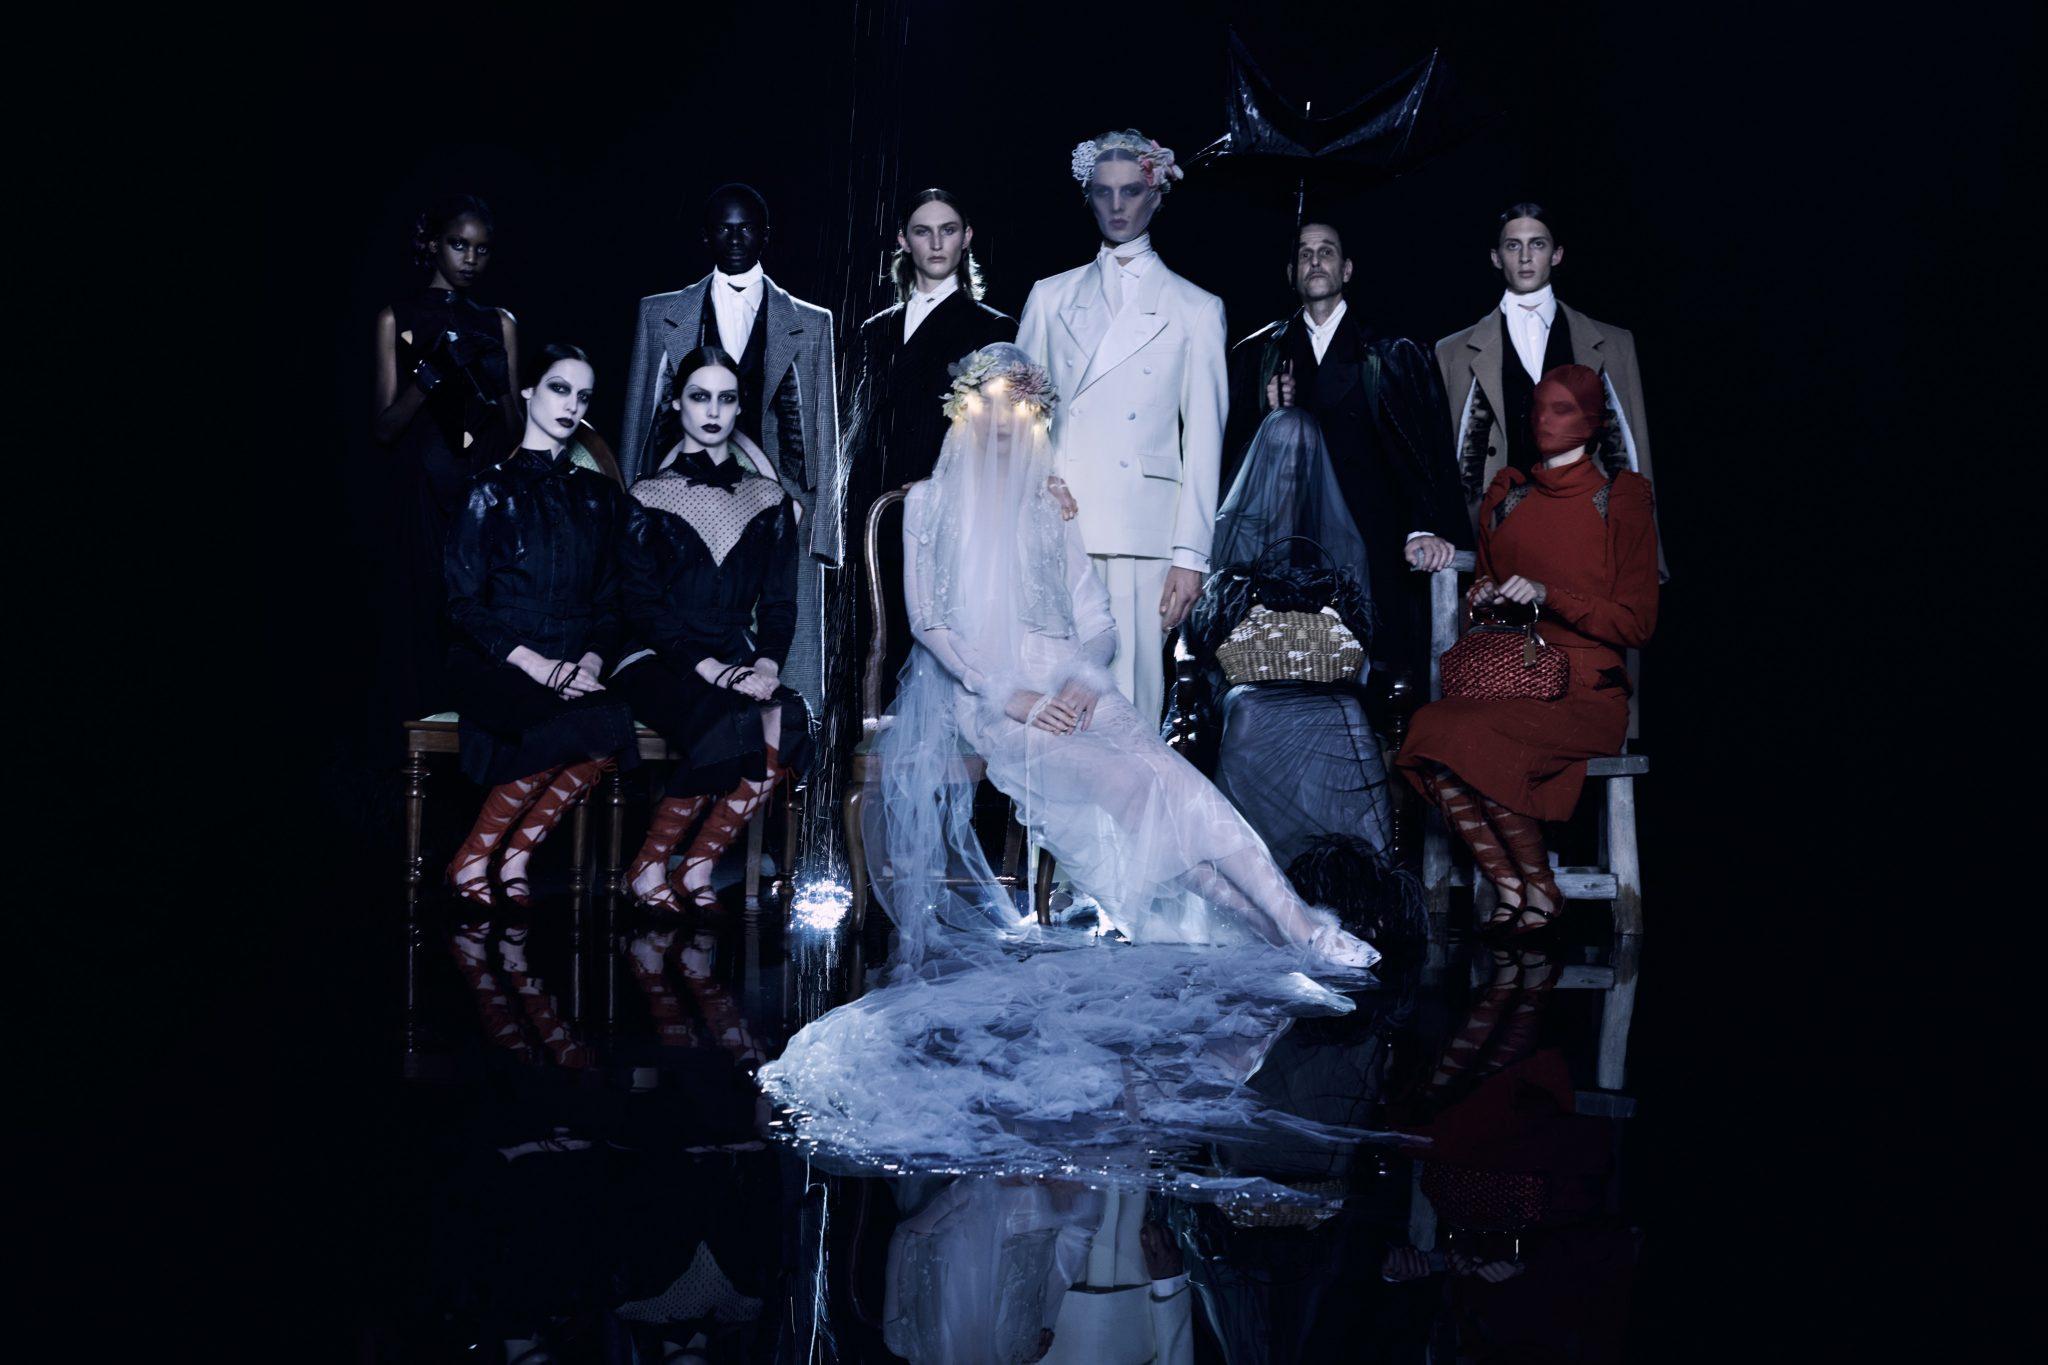 De SS21-collectie van Maison Margiela biedt stijlvolle inspiratie voor Halloween - 16